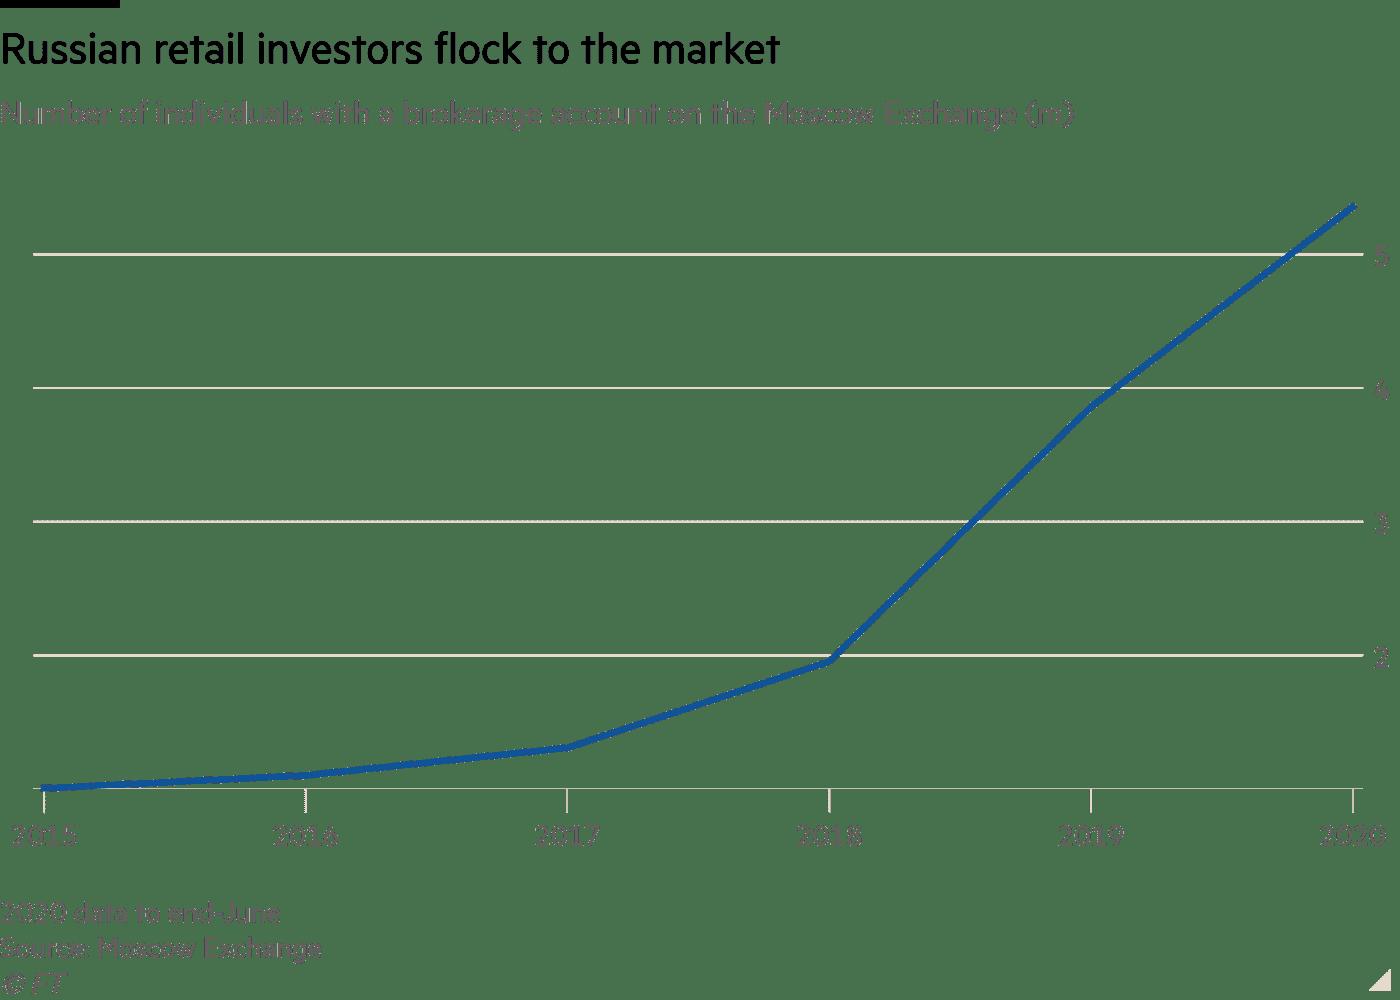 Rise in Retail Investors